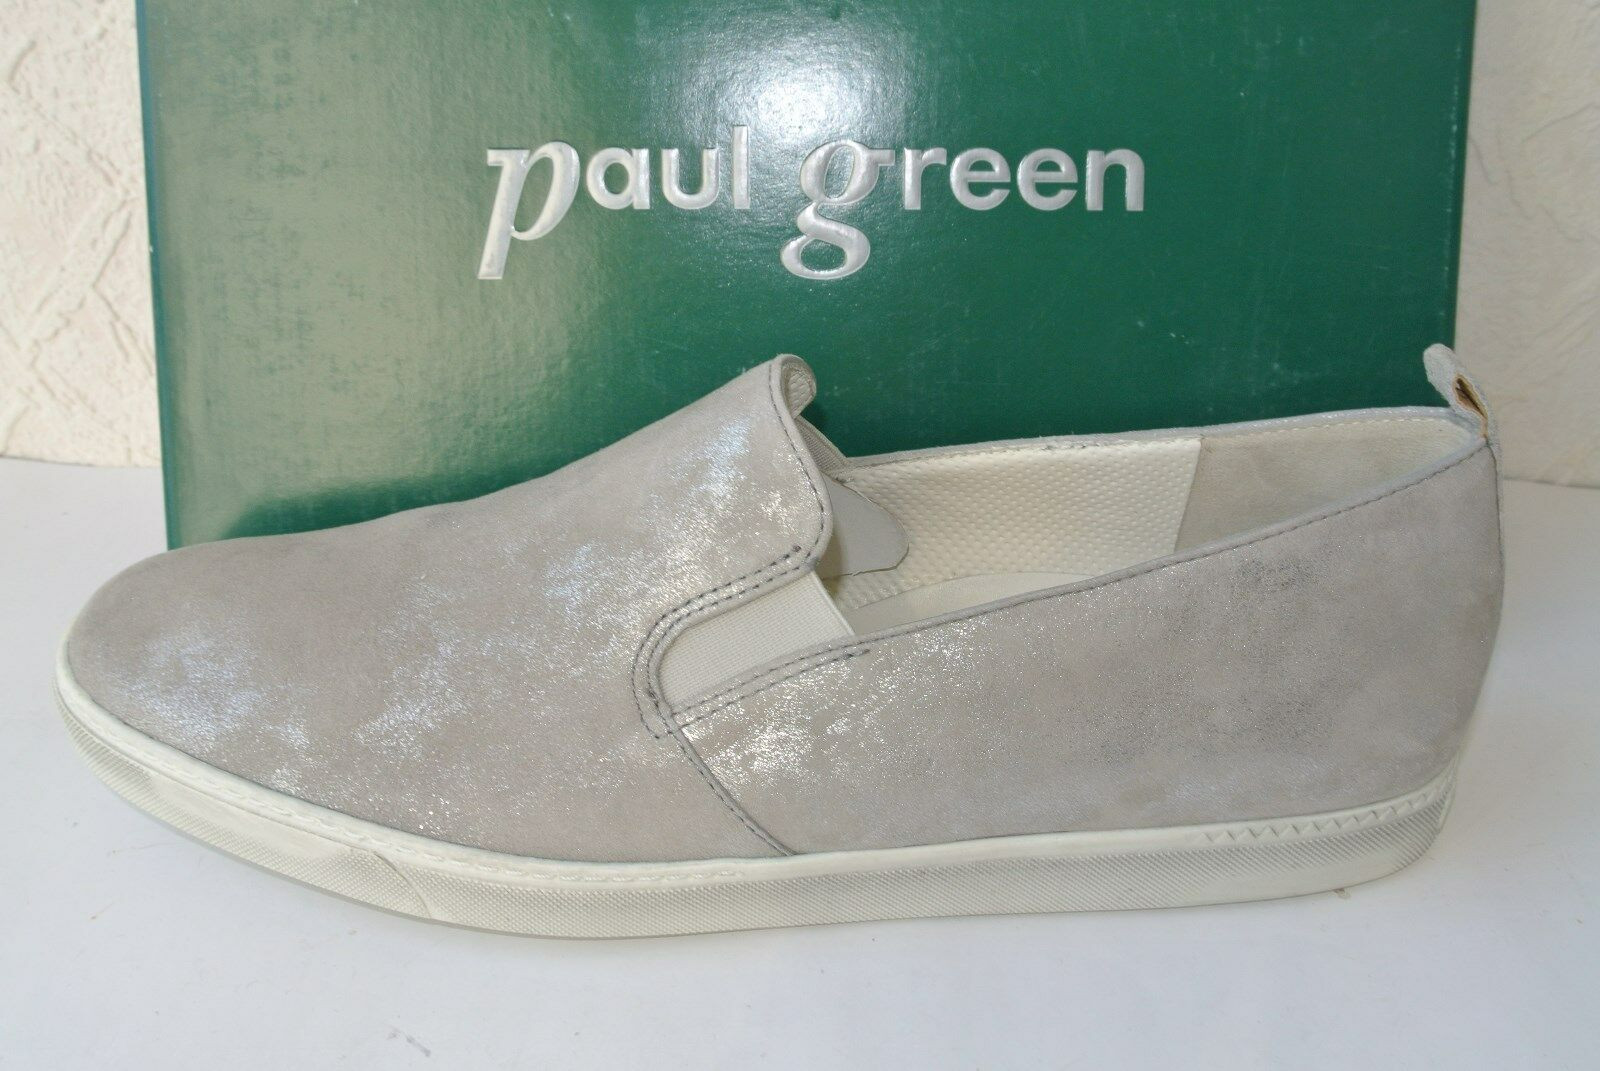 Paul verde qualità Slipper art. Donna Taglia 6+6,5+7,5 =  39+40+41  =  86c2b2